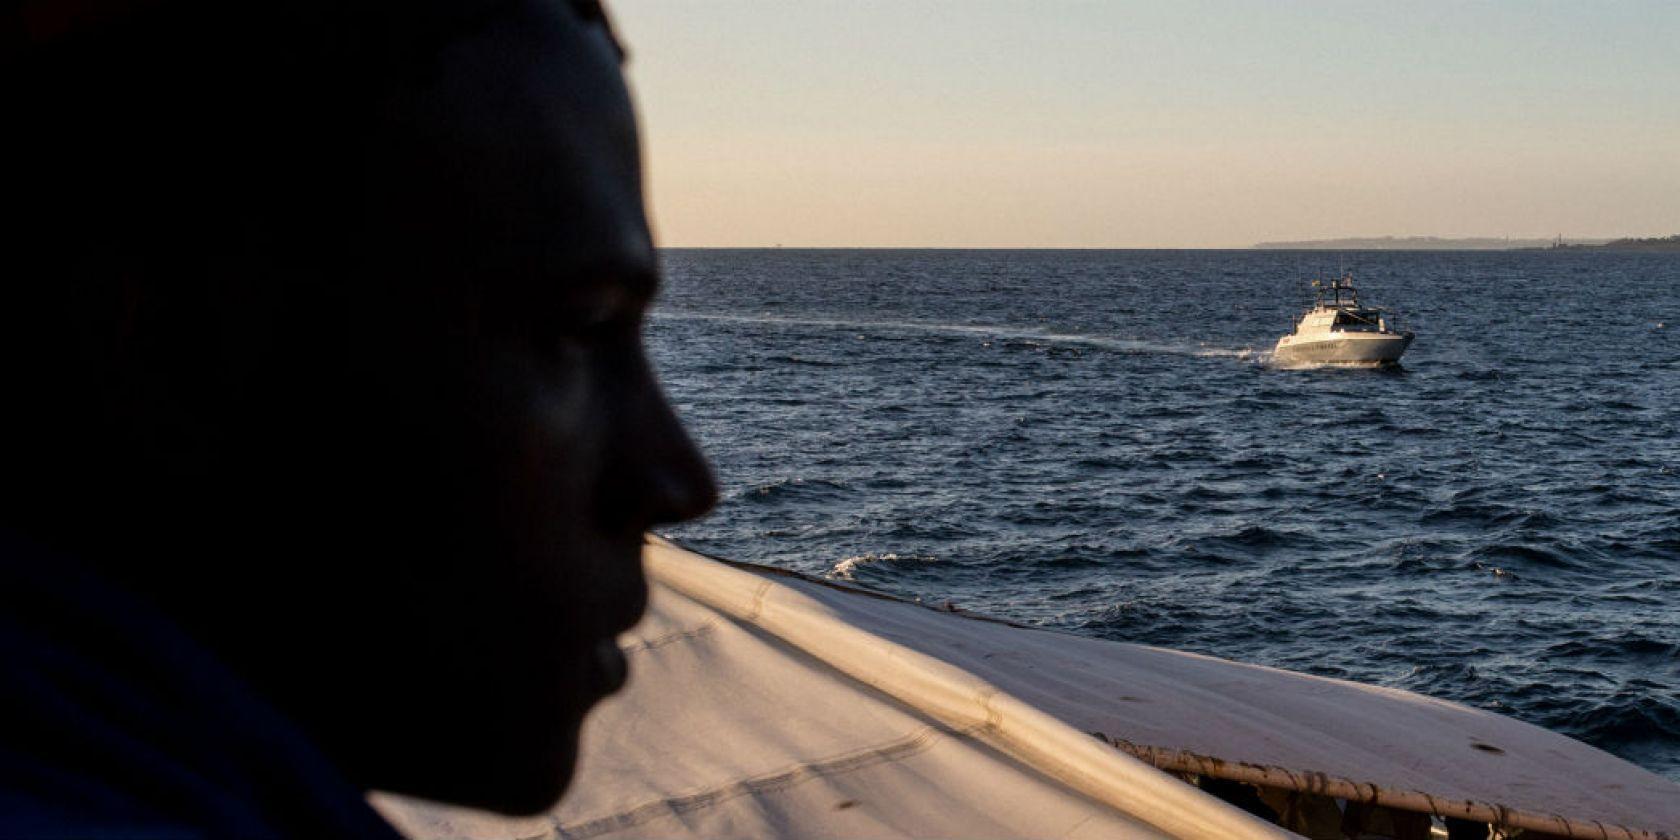 L'UE est-elle coupable de crimes contre l'humanité pour les naufrages en Méditerranée?